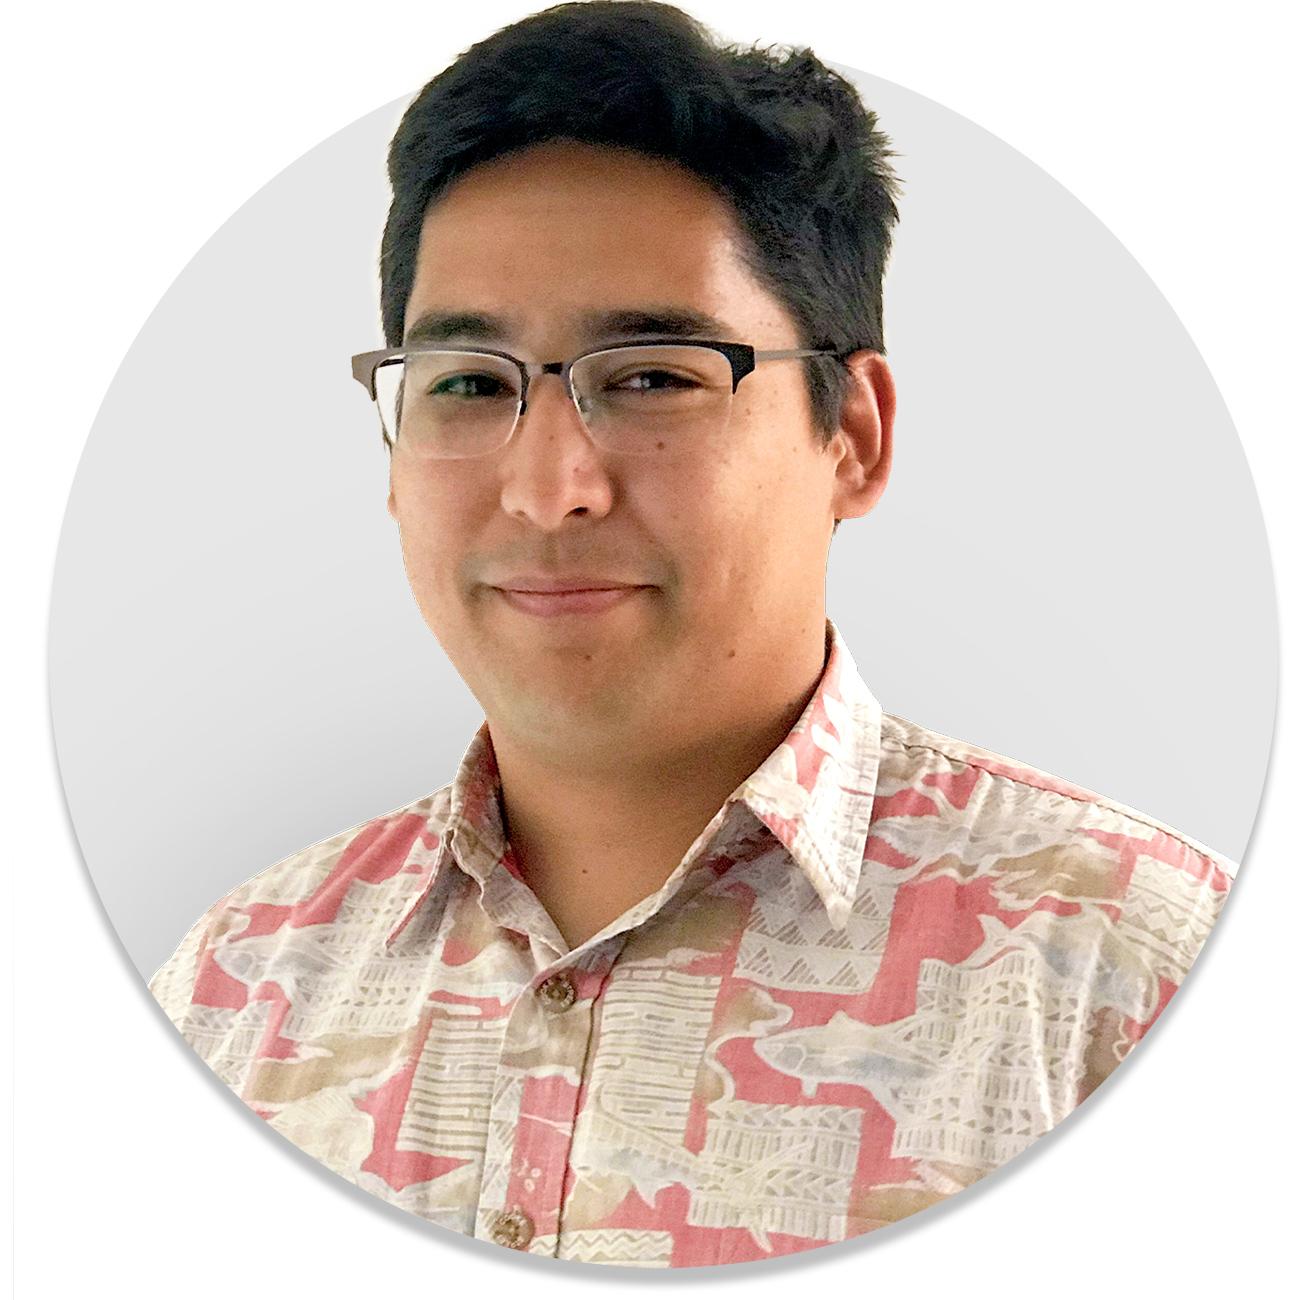 Jesse-Macadangdang_Research-Scientist.jpg